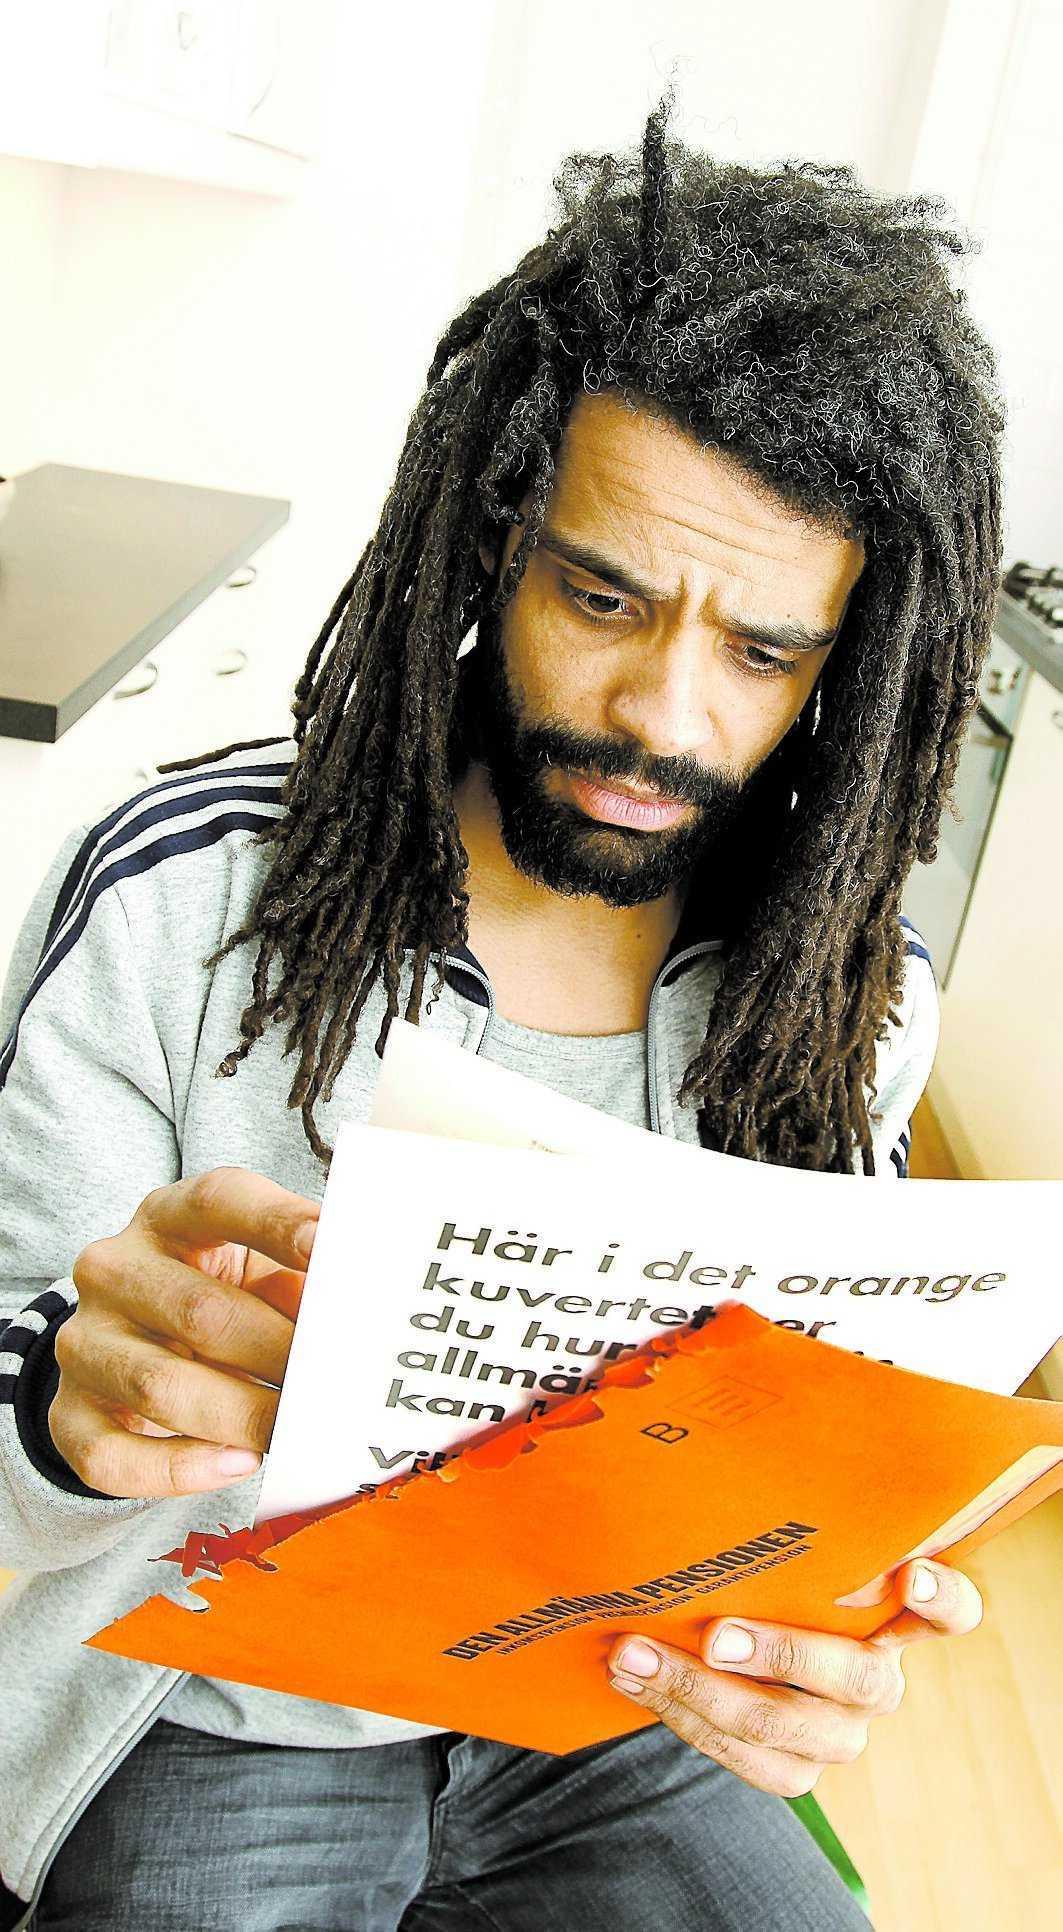 """-30 000 kronor. Christofer Laurin, 36, från Stockholm, fick sitt orangefärgade kuvert igår: premiepensionen hade rasat med över 30 000 kronor på ett år. """"Det känns som ett systemfel. Att man ska behöva gambla med tiden som gamling känns fel"""", säger han."""